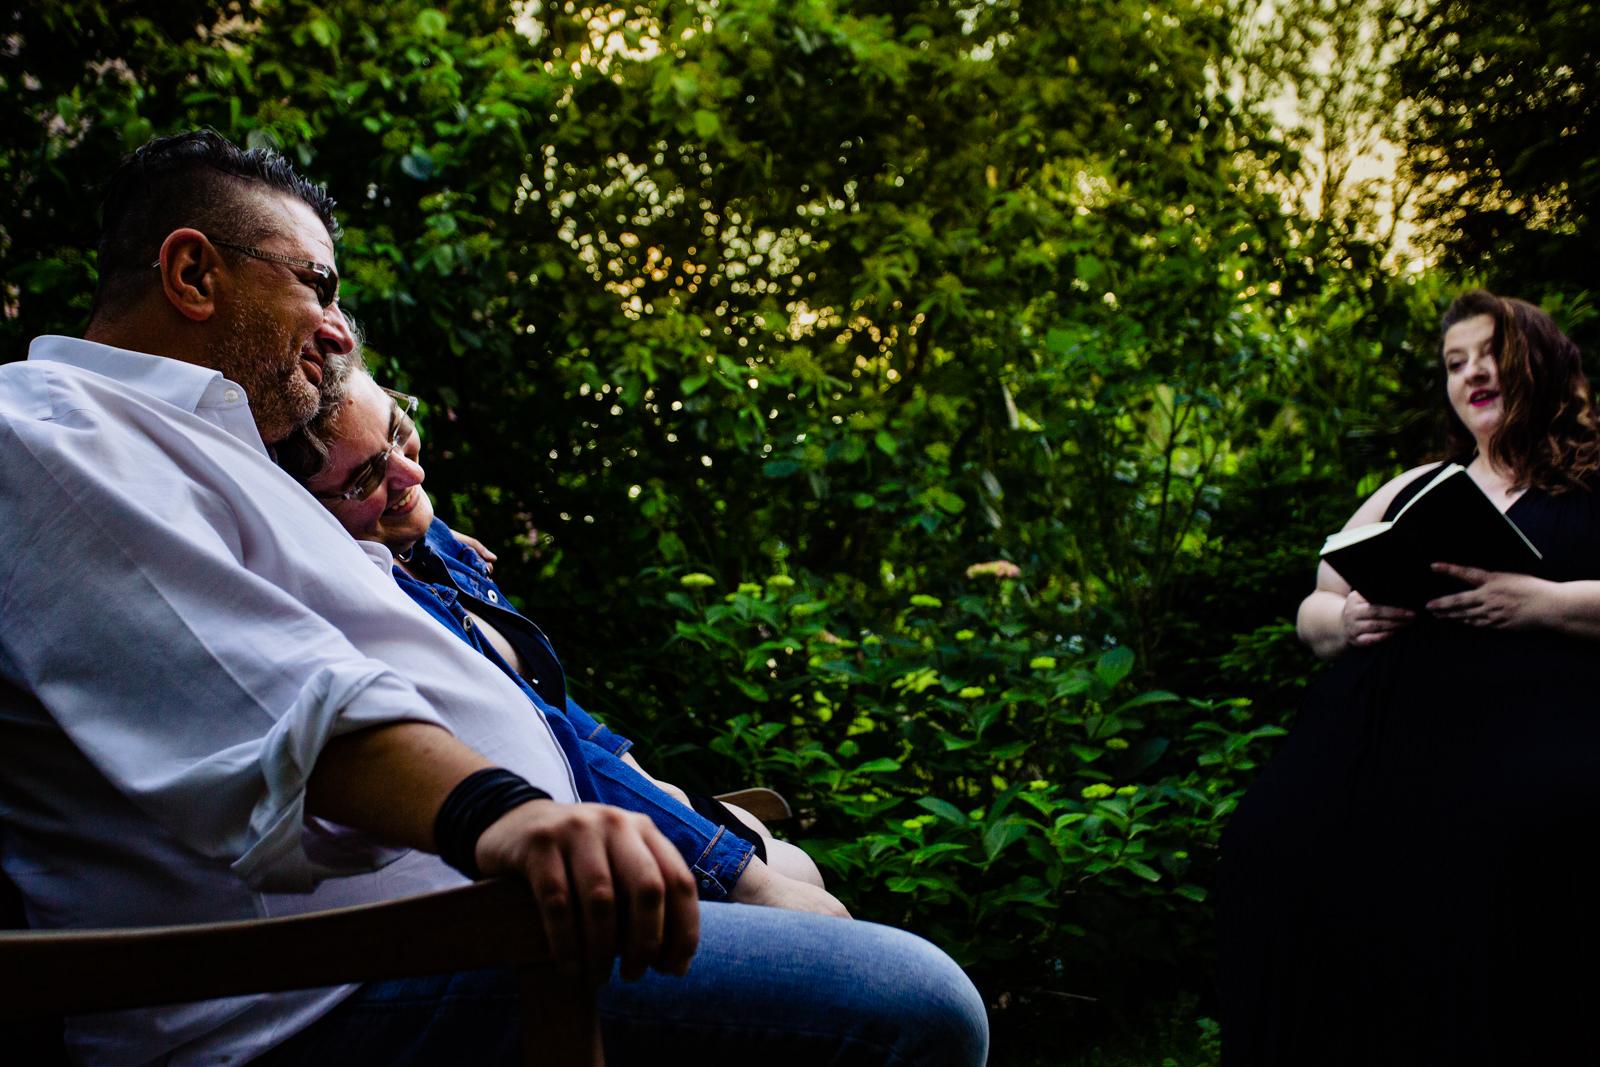 Brautpaarfoto bei freier Trauung von Trautante Friederike Delong bei einer Gartenhochzeit in Hamburg fotografiert von Hochzeitsfotograf Steven Herrschaft aus Wiesbaden